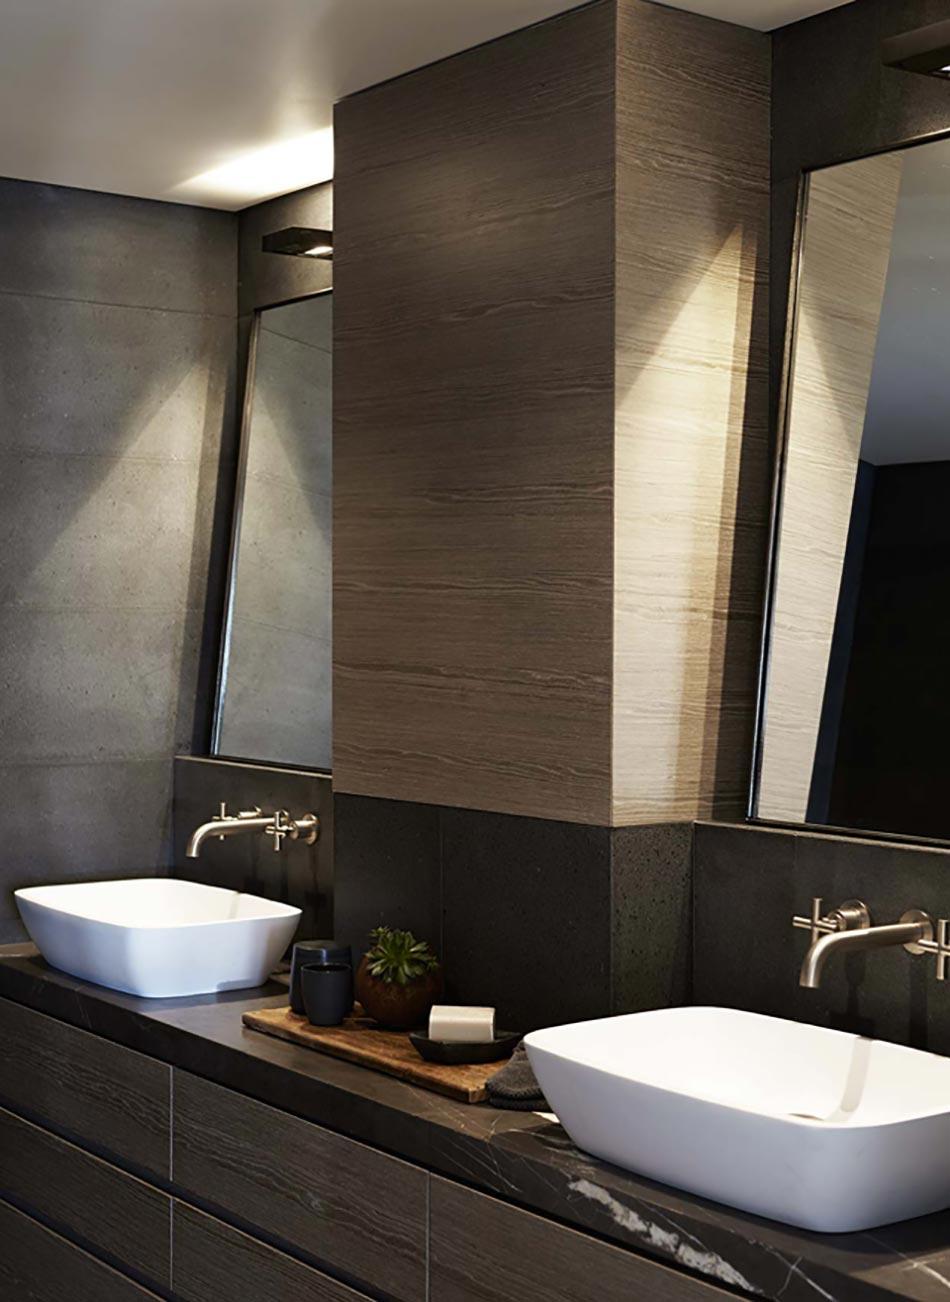 Appartement moderne et chic avec vue imprenable sur l - Magnifique maison renovee eclectique coloree sydney ...